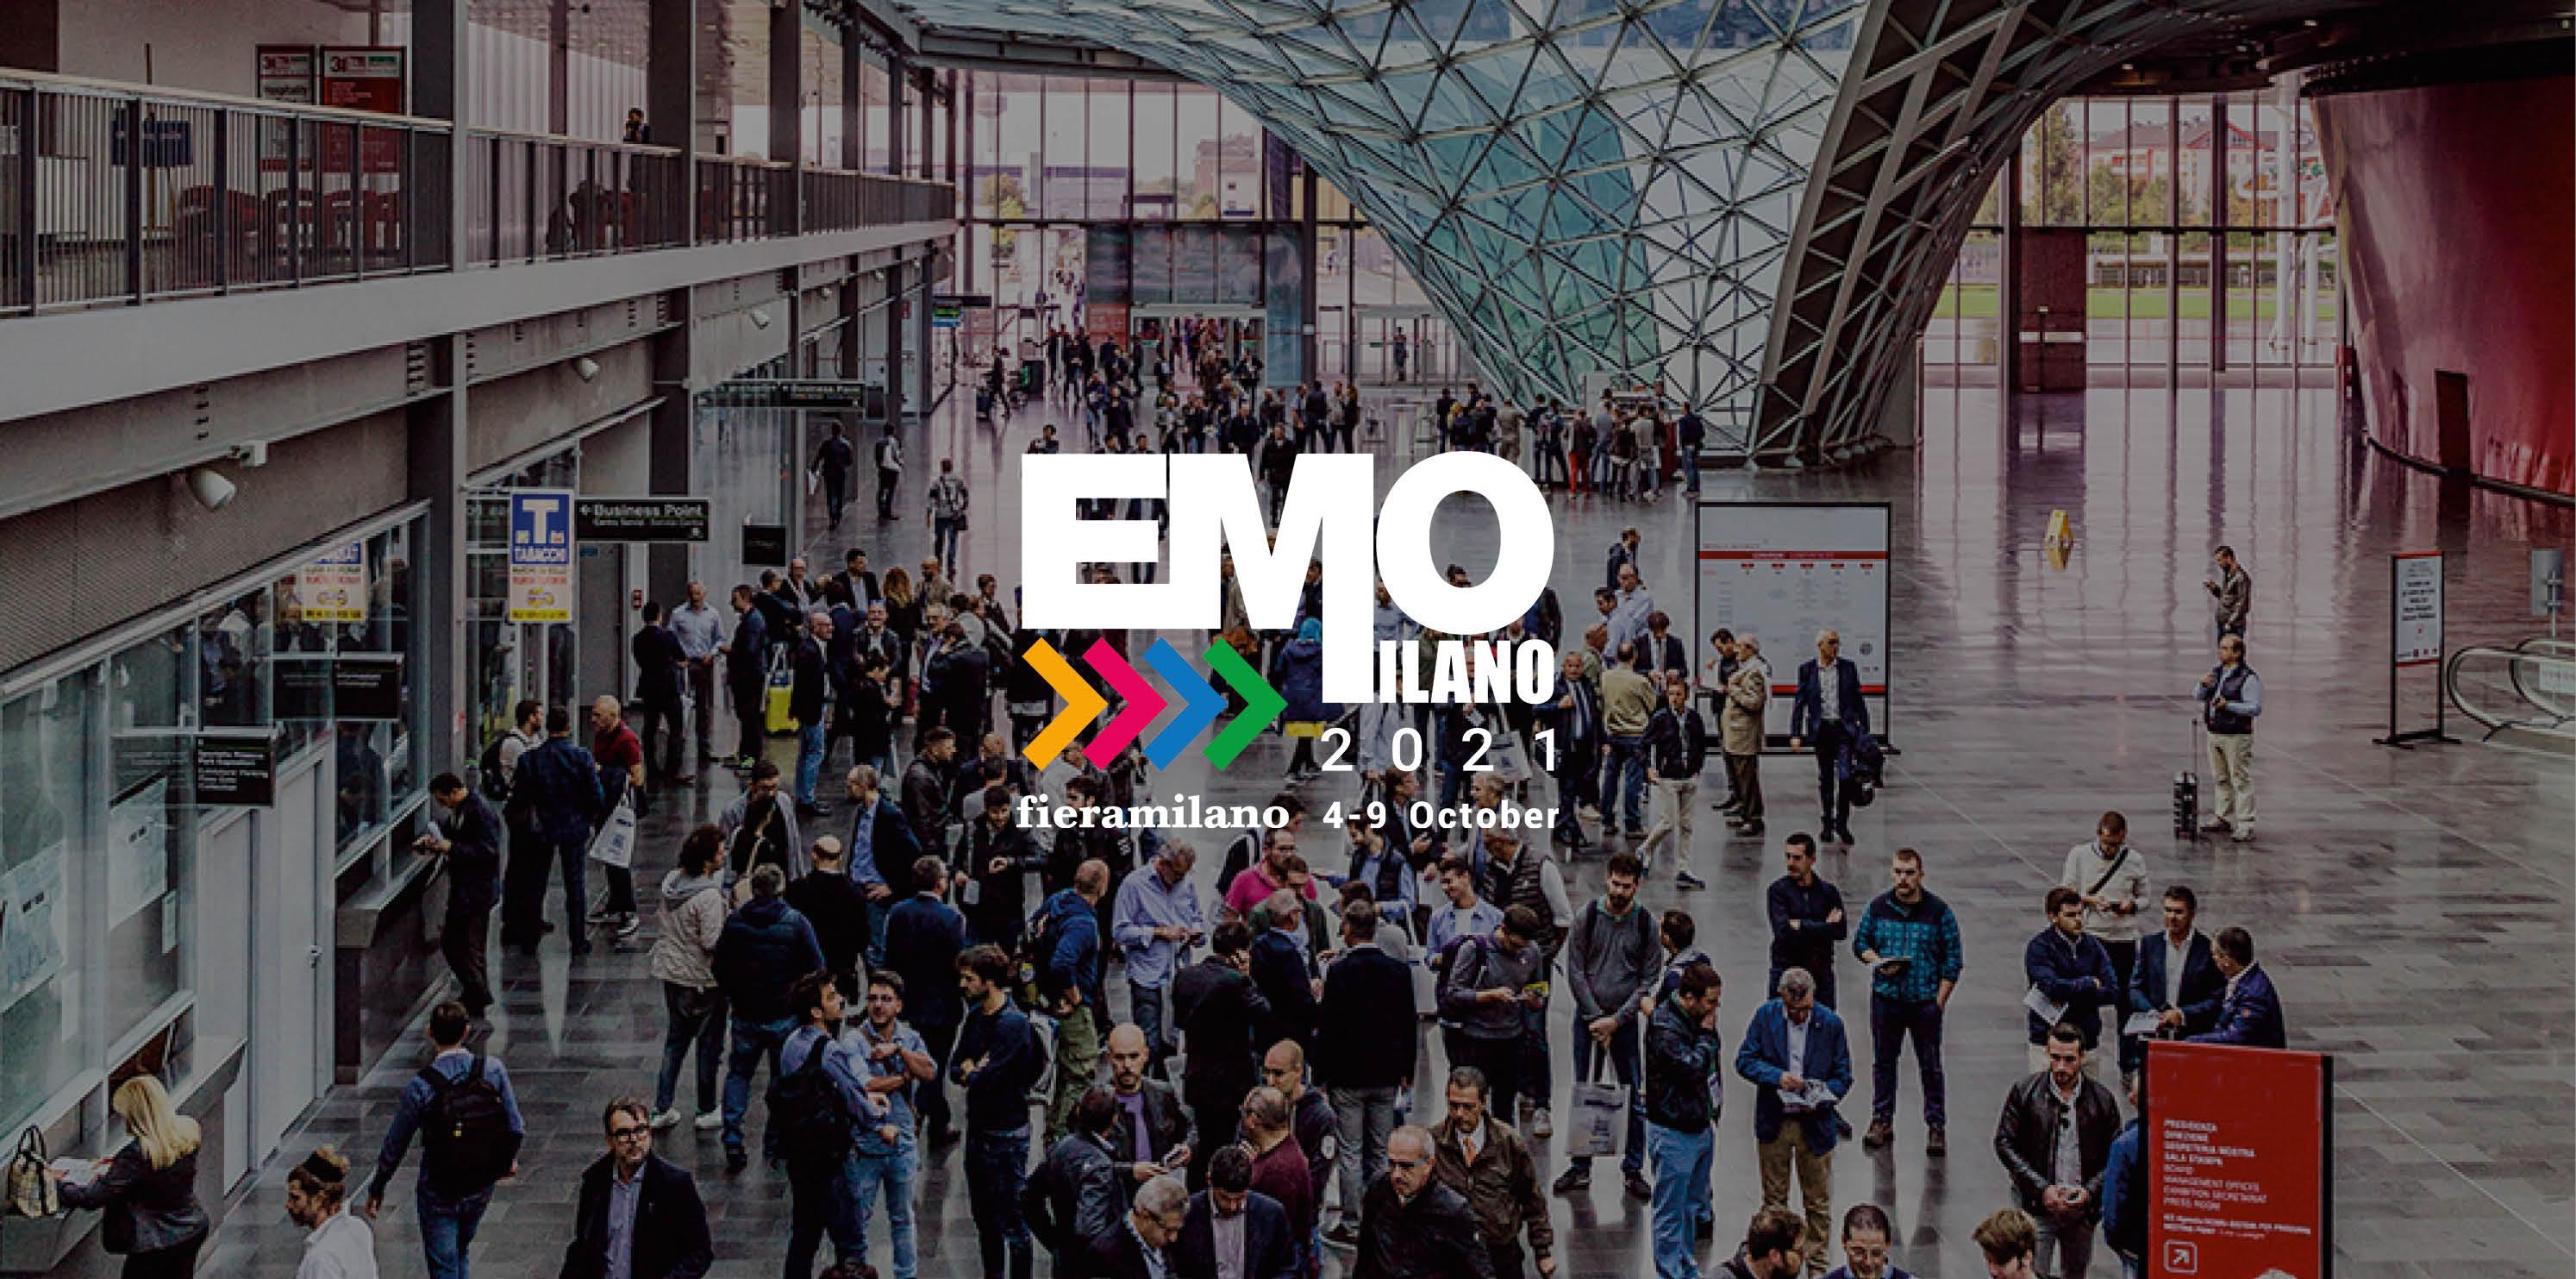 La intensa actividad del mercado italiano genera buenas expectativas para EMO MILANO 2021